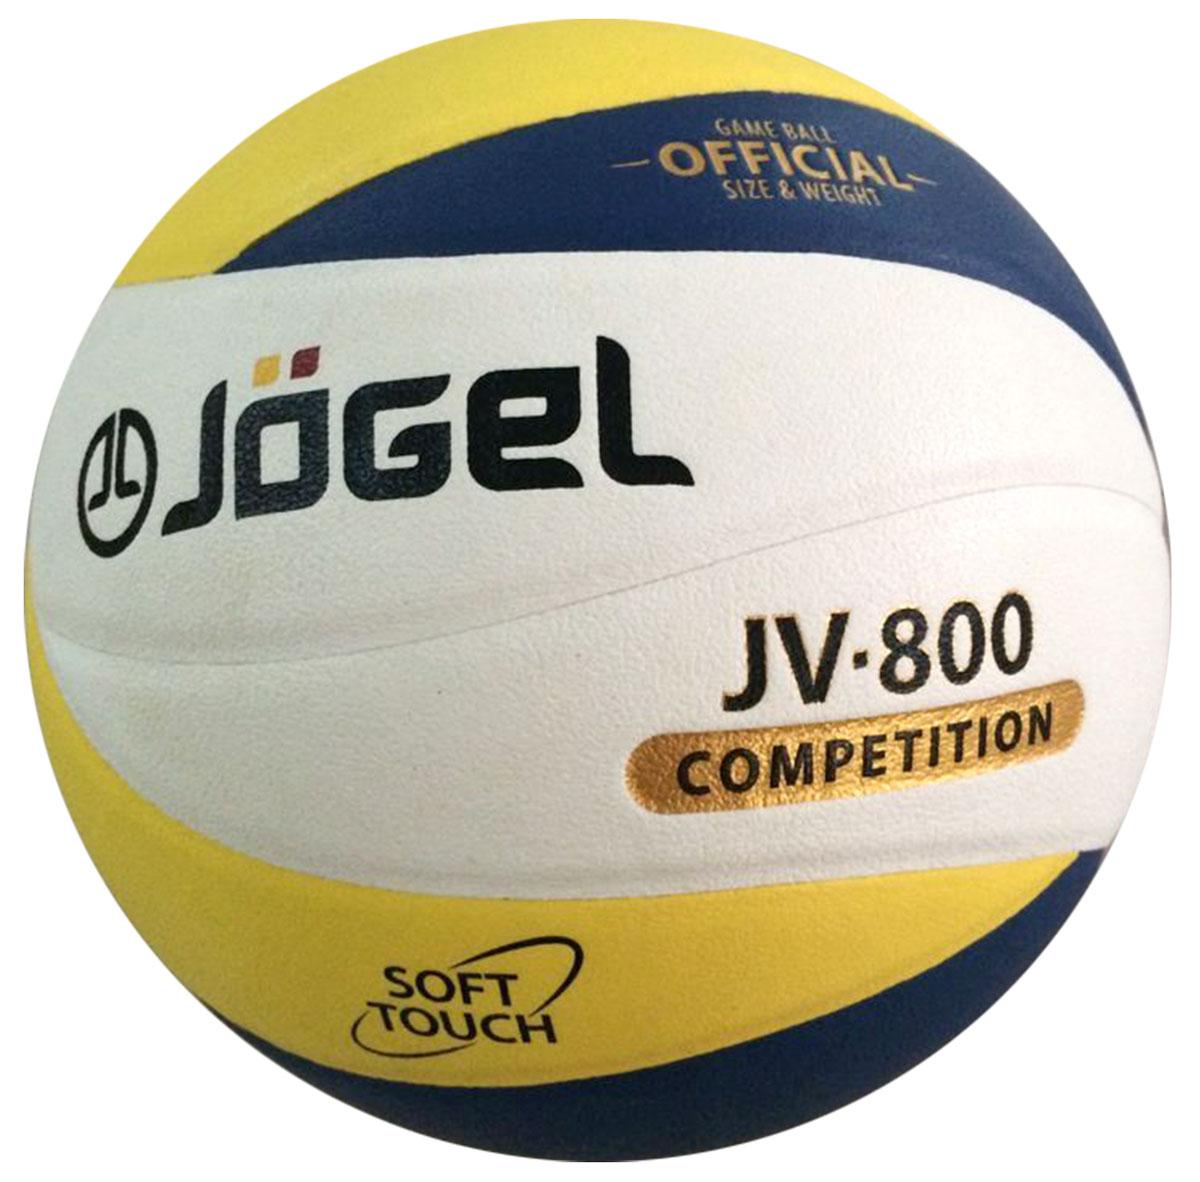 Мяч волейбольный Jogel, цвет: синий, желтый. Размер 5. JV-800УТ-00009346Название: Мяч волейбольный Jgel JV-800 Уровень: Матчевый мяч Серия: COMPETITION Описание: Jogel JV-800 великолепный волейбольный мяч из новой Коллекции 12-панельных мячей Jogel, серия COMPETITION (соревновательный). Топовый мяч коллекции Jogel, вобравший в себя все лучшие технологии для комфортных тренировок и игр команд любого уровня. Поверхность мяча выполнена из высокотехнологичного композитного материала на основе микрофибры, с применением технологии Soft Touch, имитирующей по ощущениям натуральную кожу и обеспечивающей правильный отскок. Мяч состоит из 12-ти панелей, оснащен бутиловой камерой и армирован подкладочным слоем из ткани. Рекомендован для тренировок и соревнований команд высокого уровня. Данный мяч подходит для поставок на гос. тендеры, образовательные учреждения и спортивные секции. Официальный размер и вес FIBV. Рекомендованные покрытия: Паркет, песок Материал покрышки: Композитный материал (микрофибра) Материал камеры: Бутил Тип соединения панелей: Клееный ...